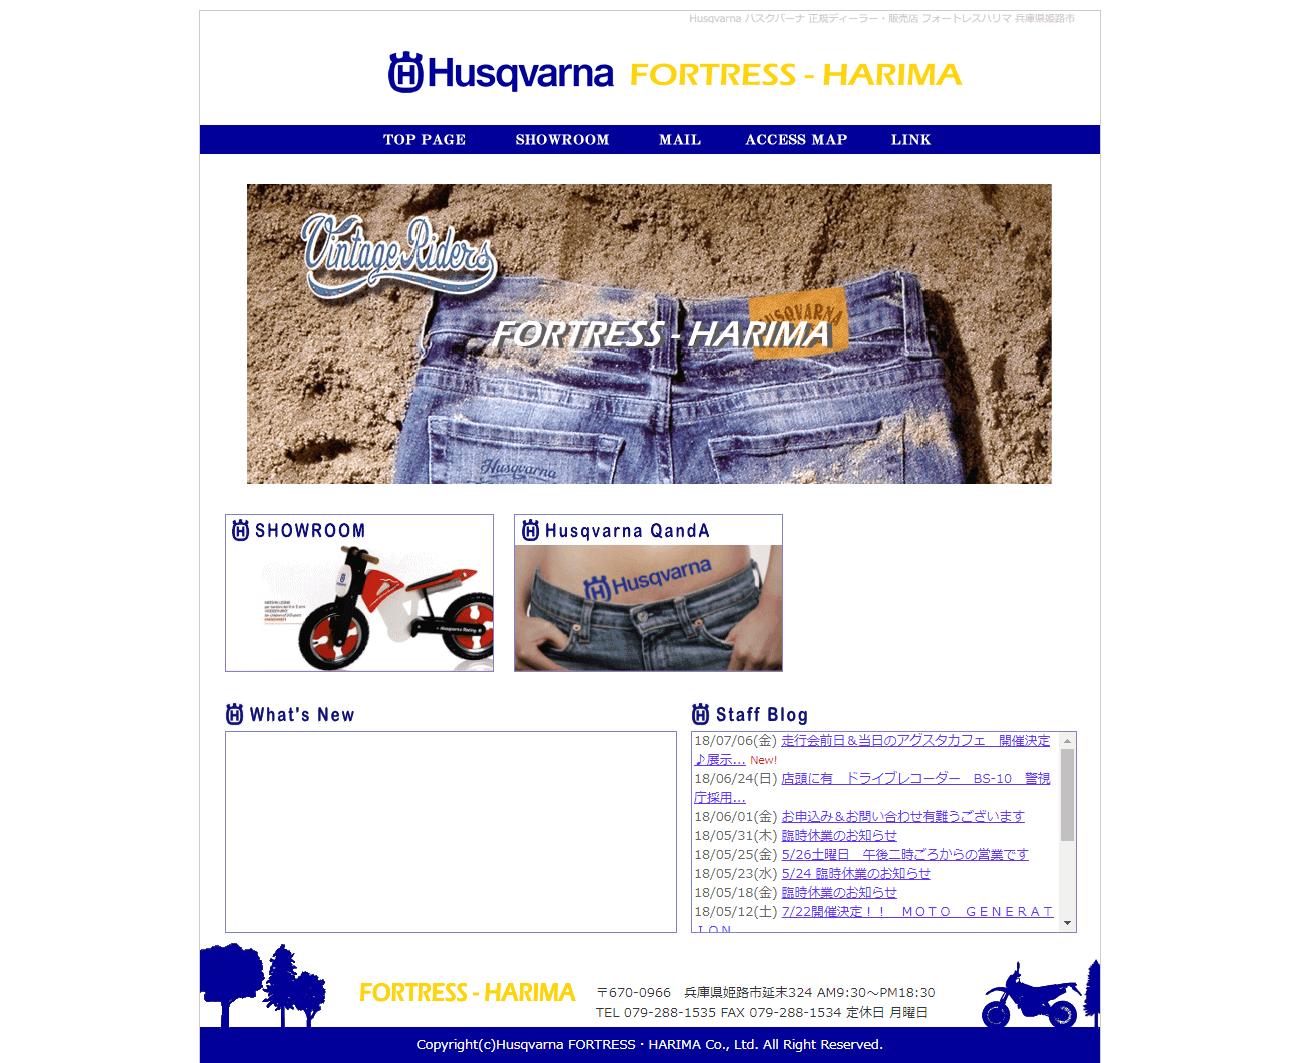 姫路市 シースケープ様 husqvarna専門サイト1